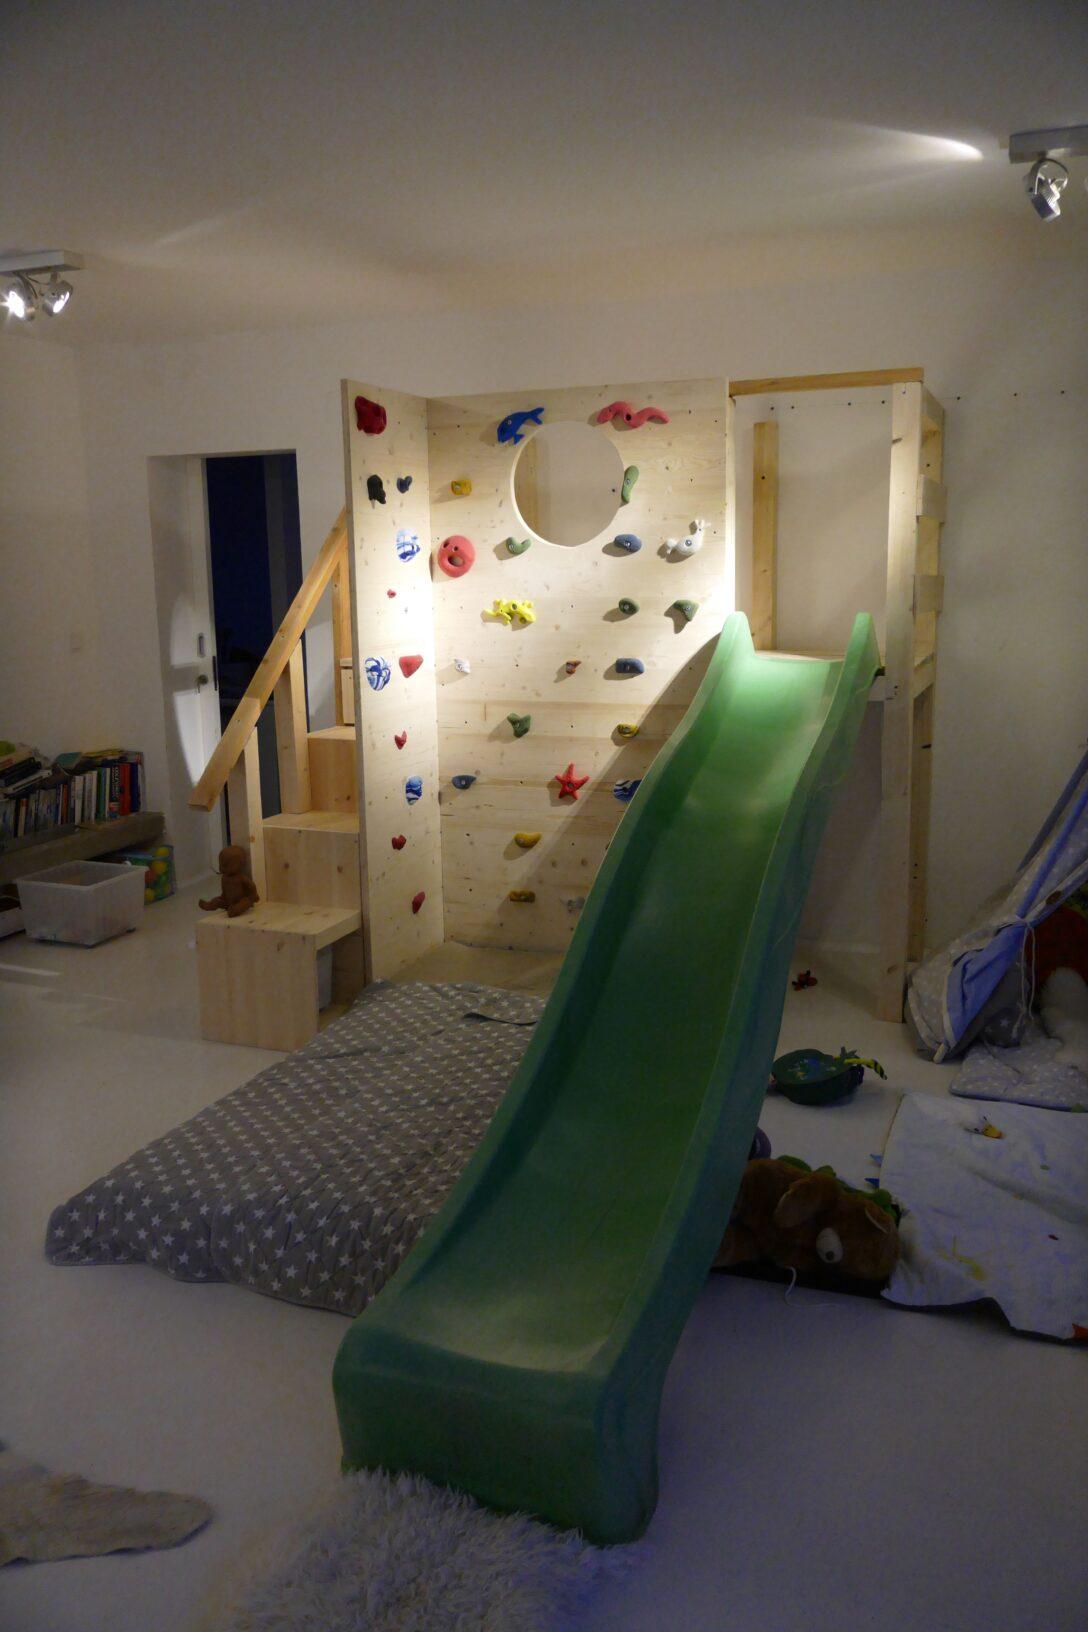 Large Size of Klettergerüst Indoor Diy Ikea Trofast Regal Mit Einer Kletterwand Und Rutsche Verbunden Garten Wohnzimmer Klettergerüst Indoor Diy